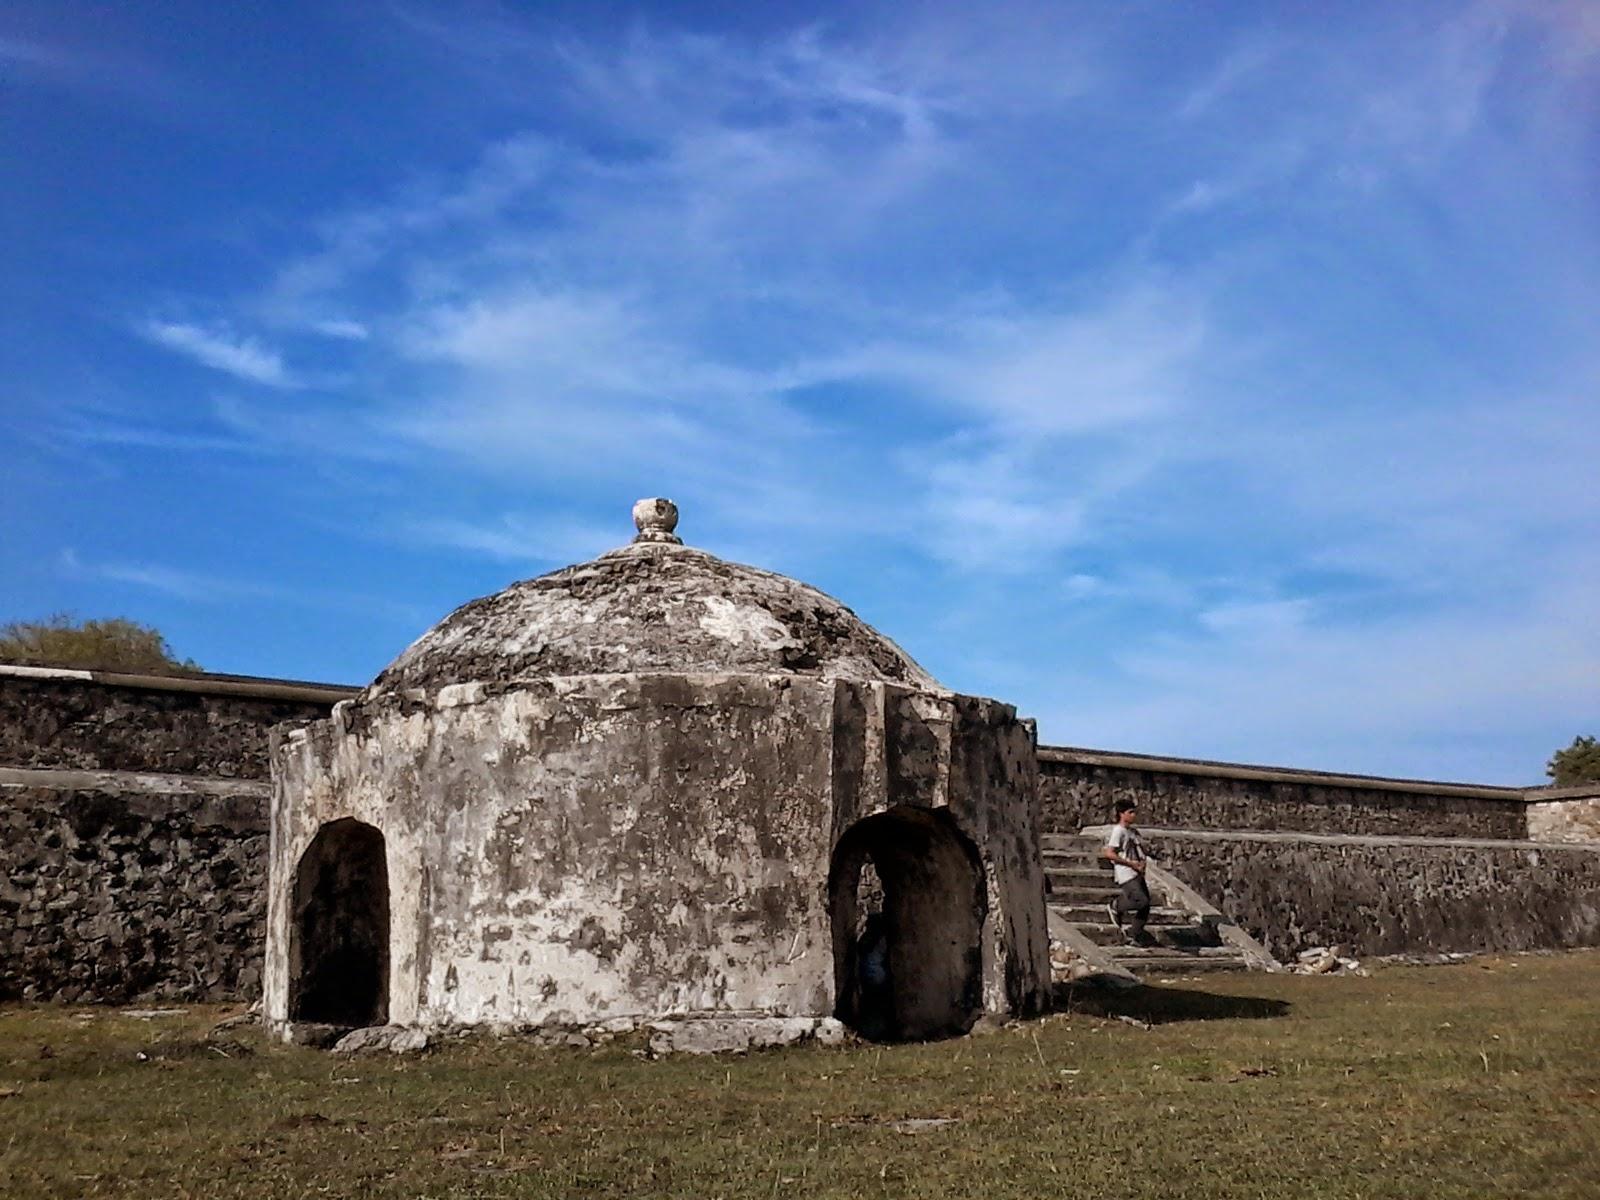 Amelia Ansari Benteng Indra Patra Wisata Peninggalan Sejarah Hindu Kerajaan